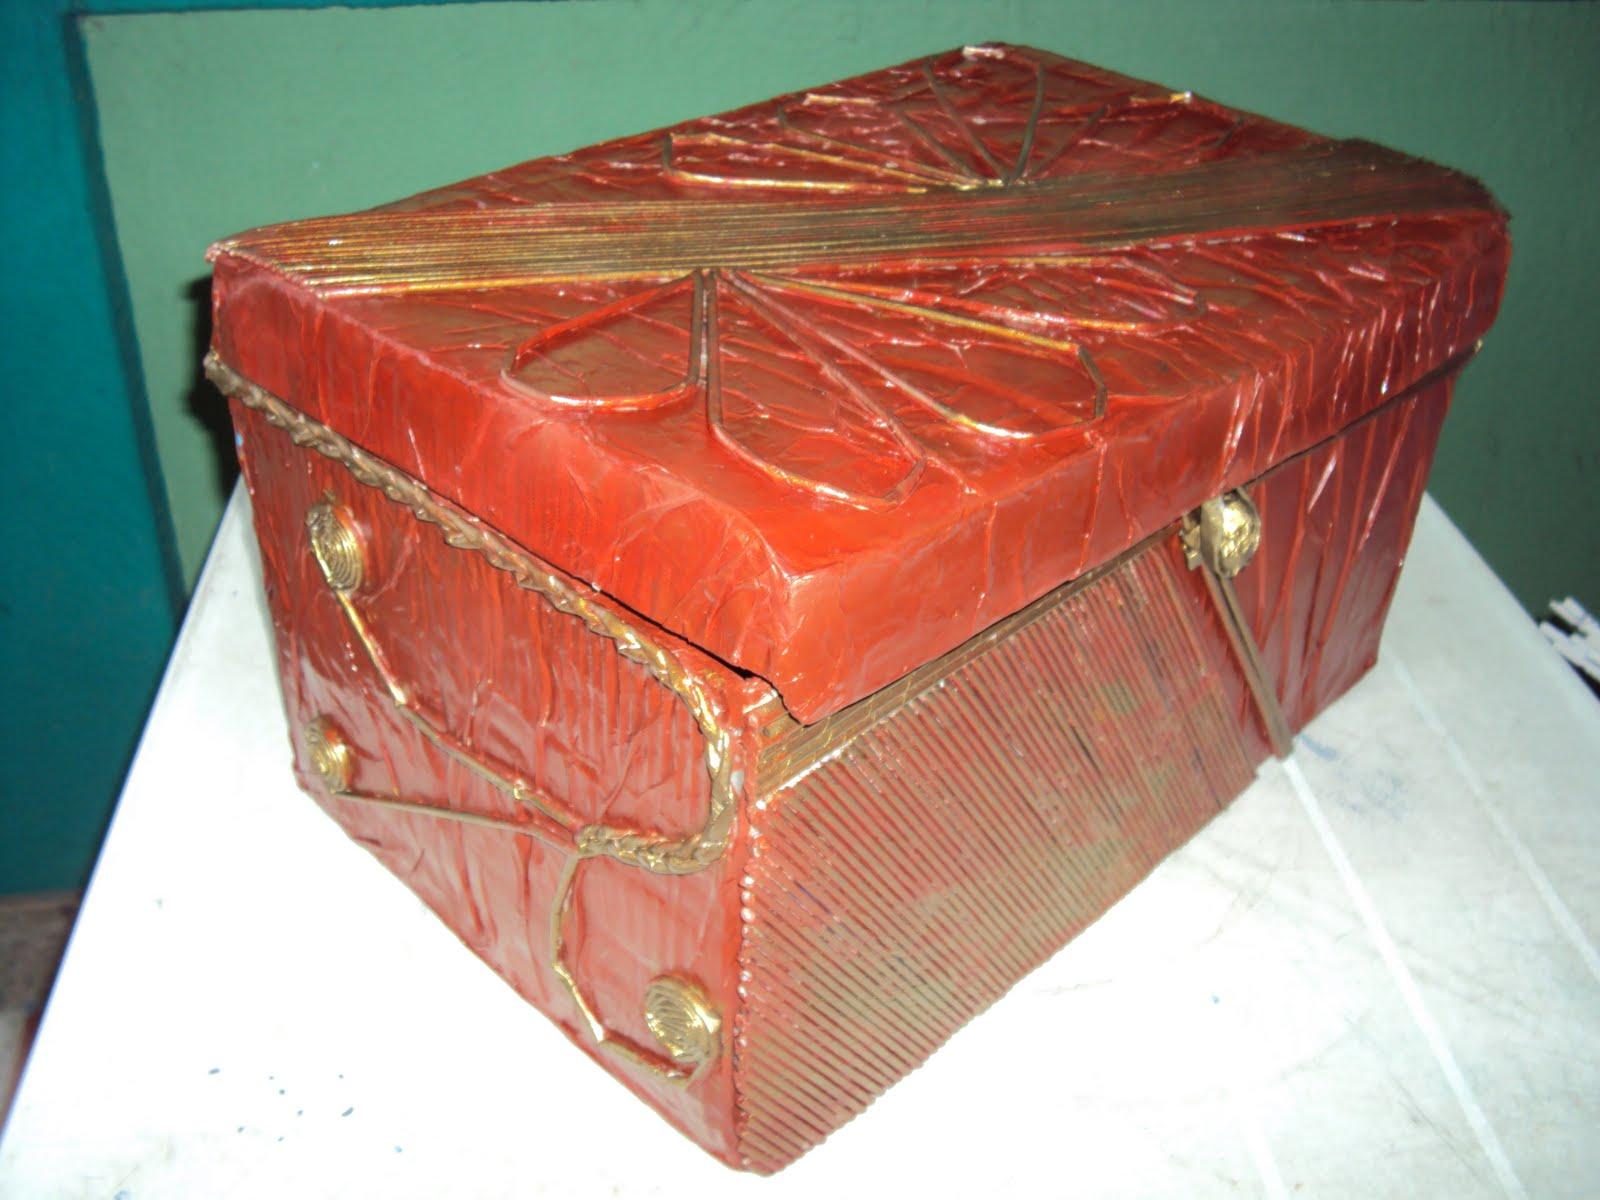 Artesanias a base de objeto reciclados baules decorativos - Baules decorativos ...